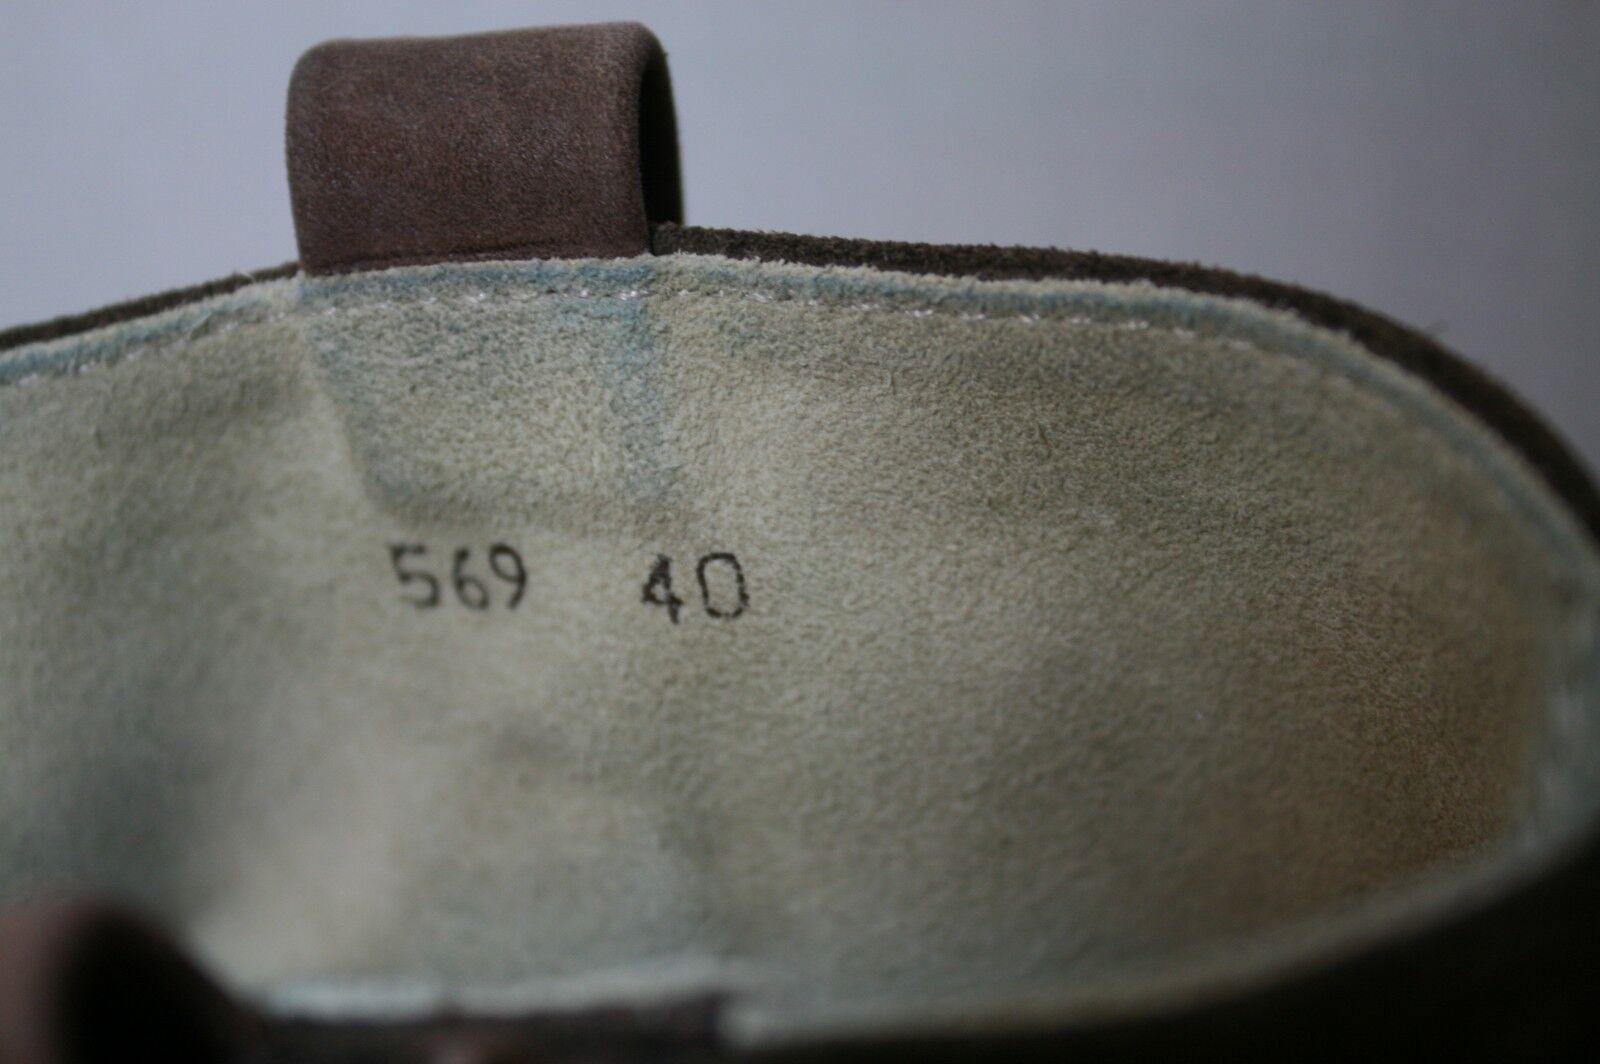 EL ANKLE NATURALISTA Schuhe DUNA N569 ANKLE EL Stiefel BROWN TWO TONE SIDE ZIP BOOTIES 40 203955